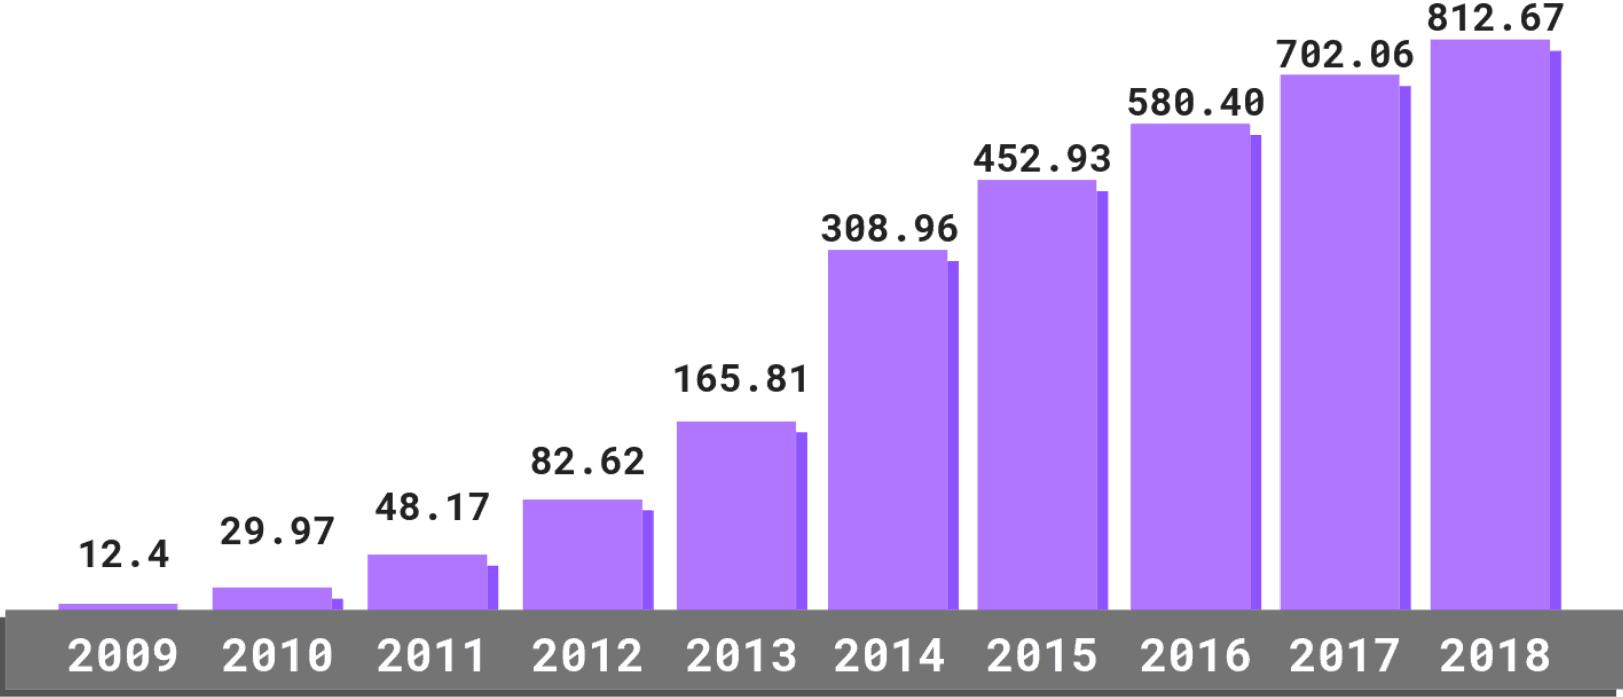 Malware statistics 2019